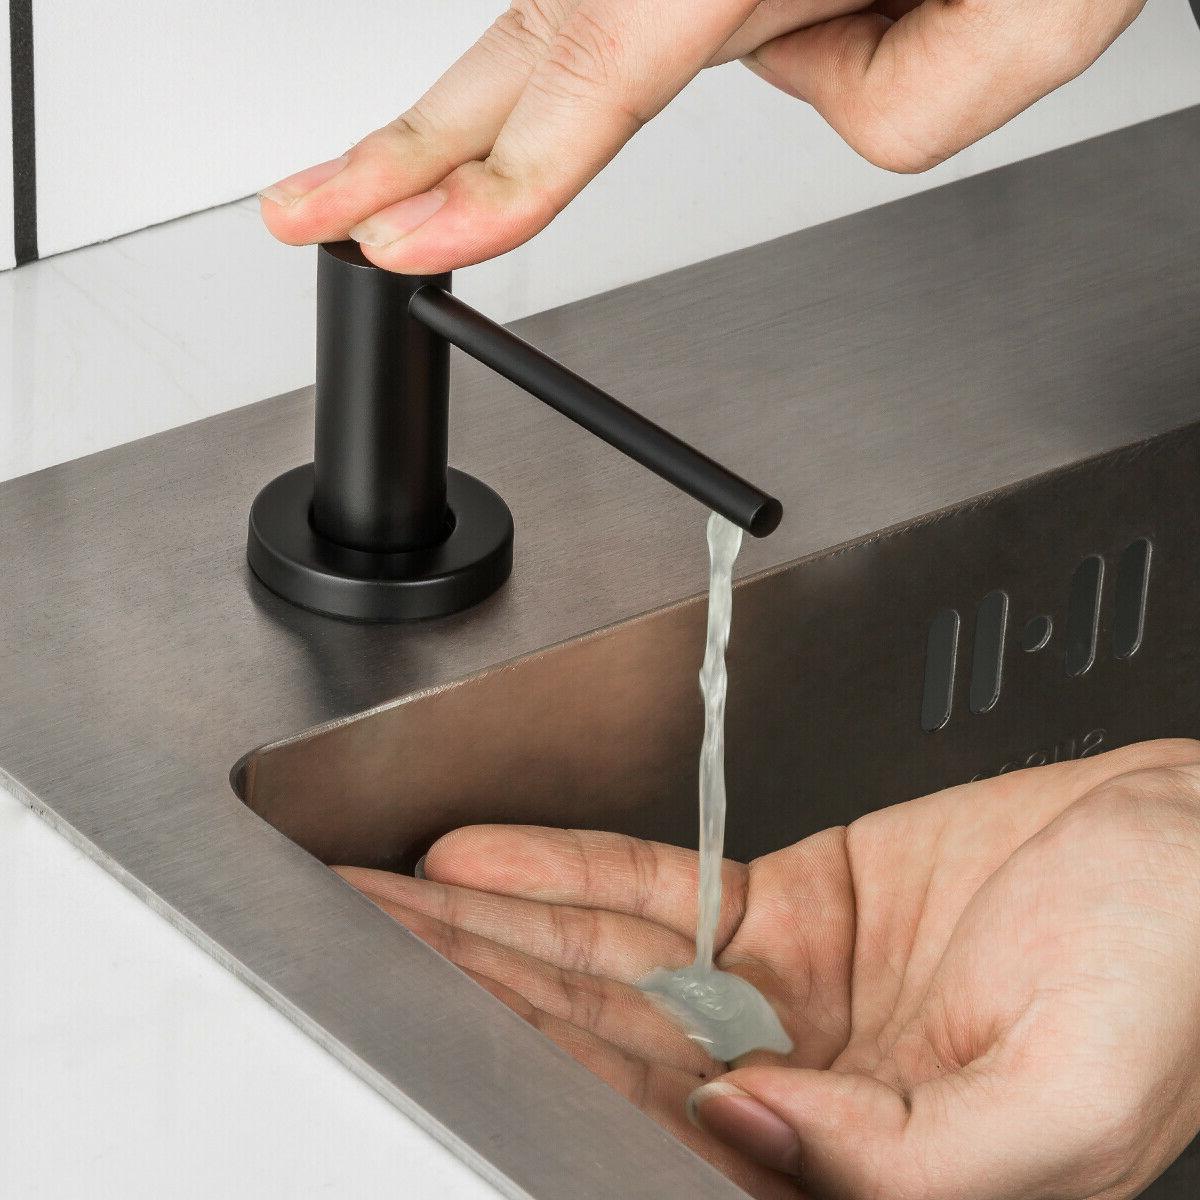 Sink Kitchen Liquid Soap Dish Bottle